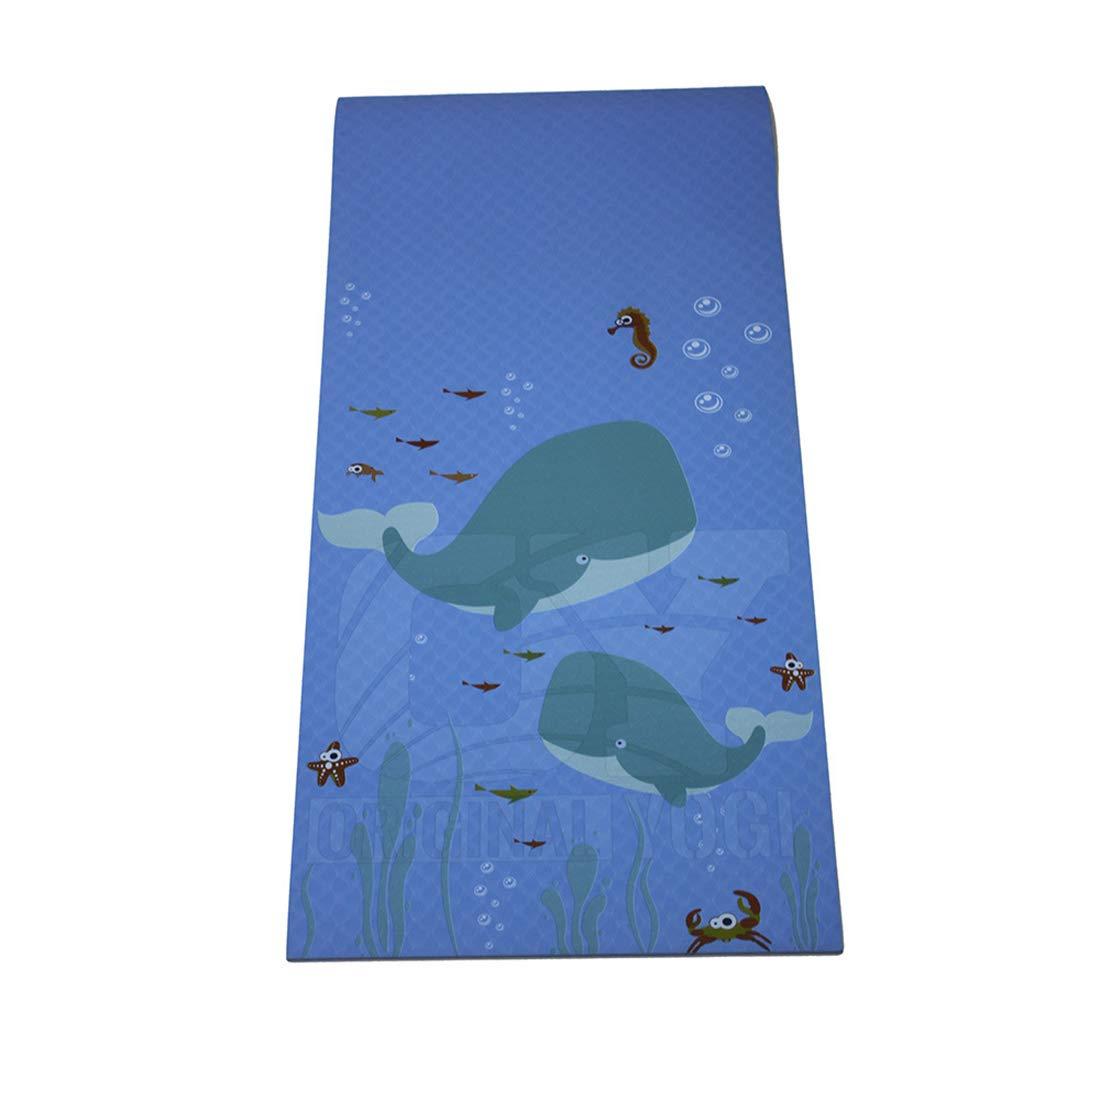 AROTOVL TPE6mm Yogamatte Umweltfreundliche köstliche Fitnessmatte für Fitnessstudio, Familie (Farbe   Blau, Größe   183cm)